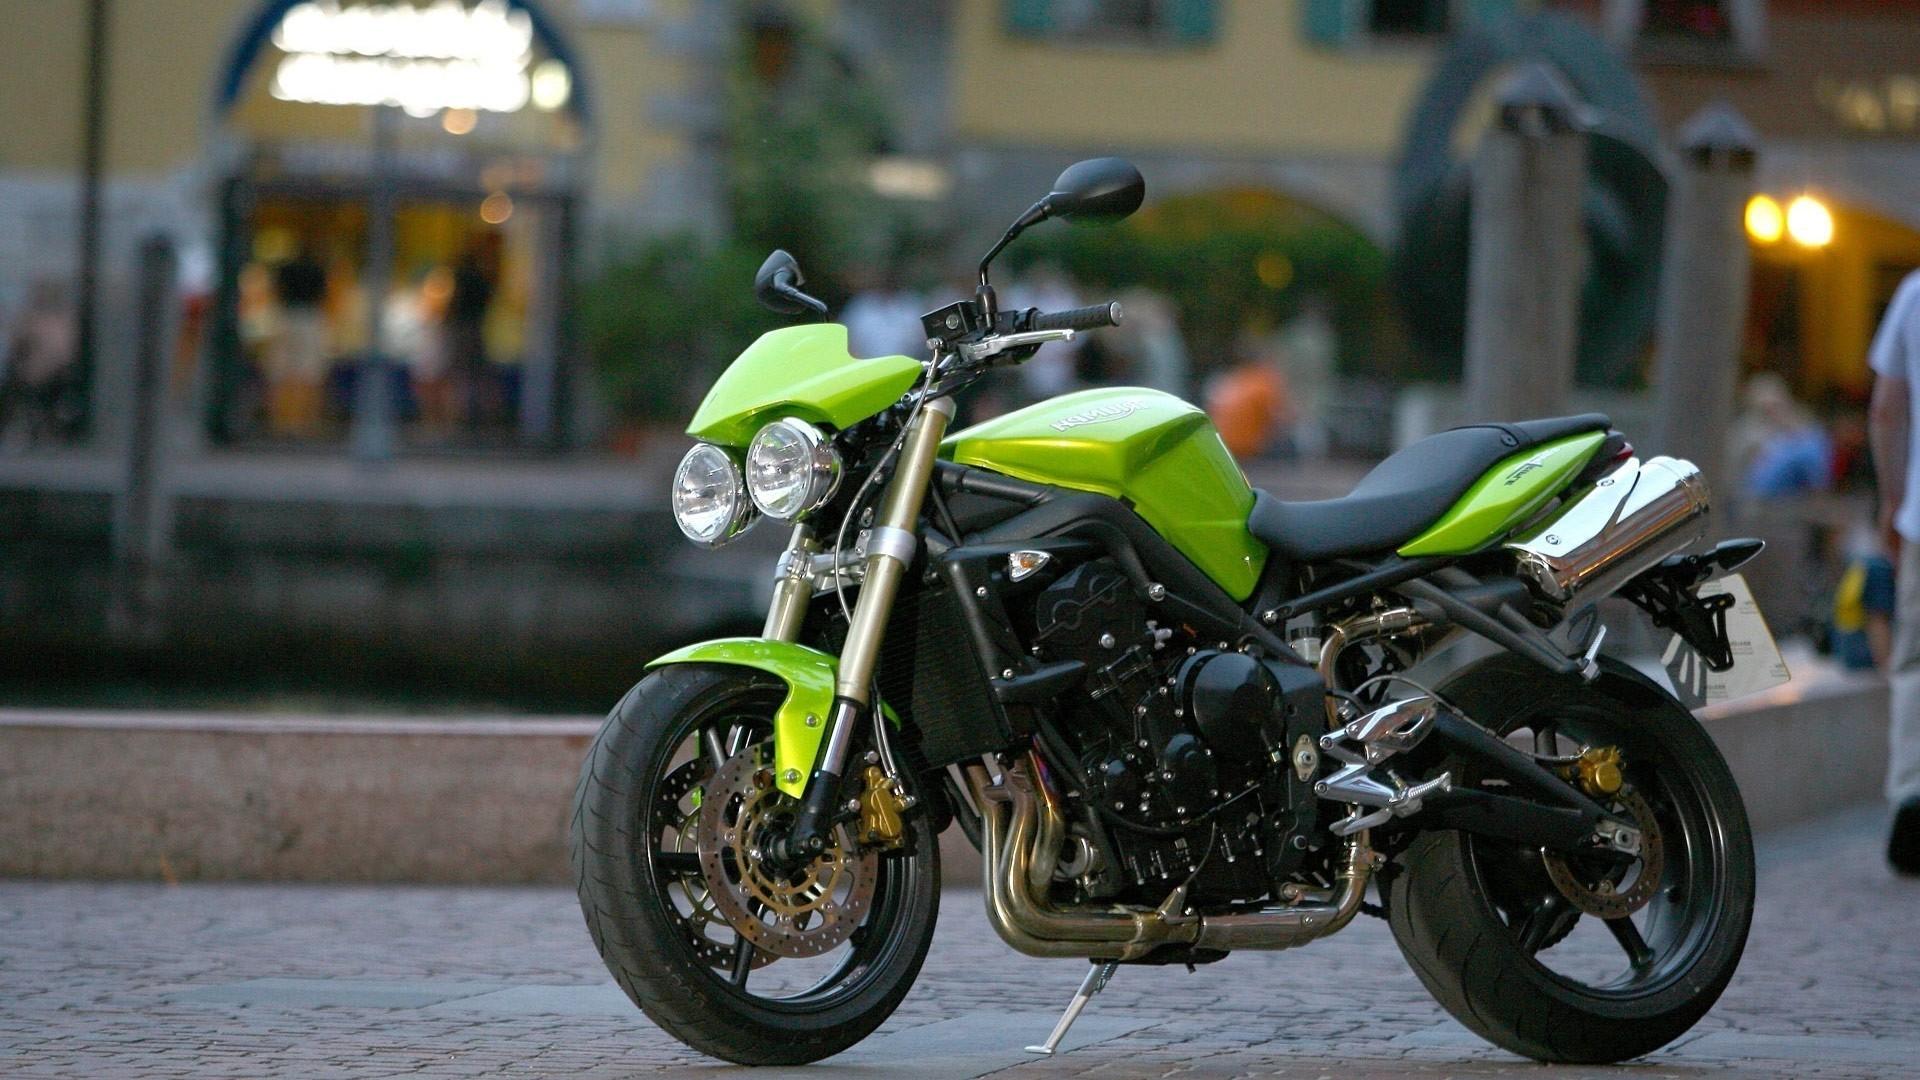 мотоцикл зеленый в хорошем качестве